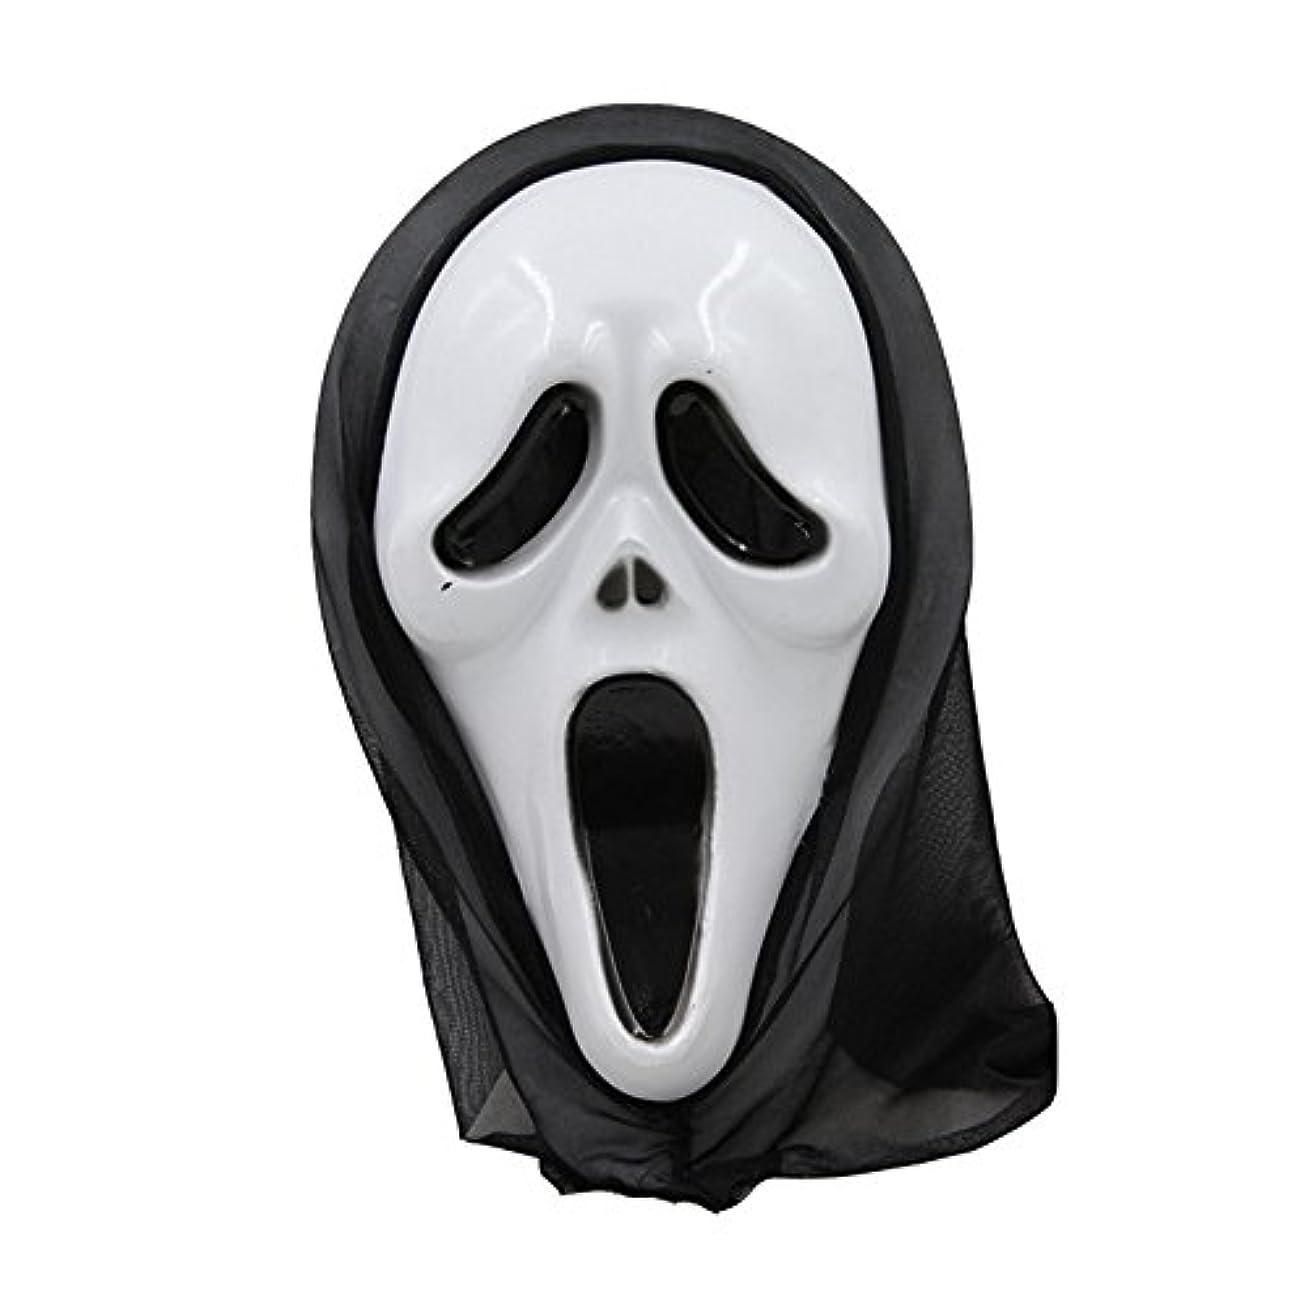 格差土砂降りパレードハロウィーンマスク仮面舞踏会全体の小道具フェイスマスクホラー叫びマスク